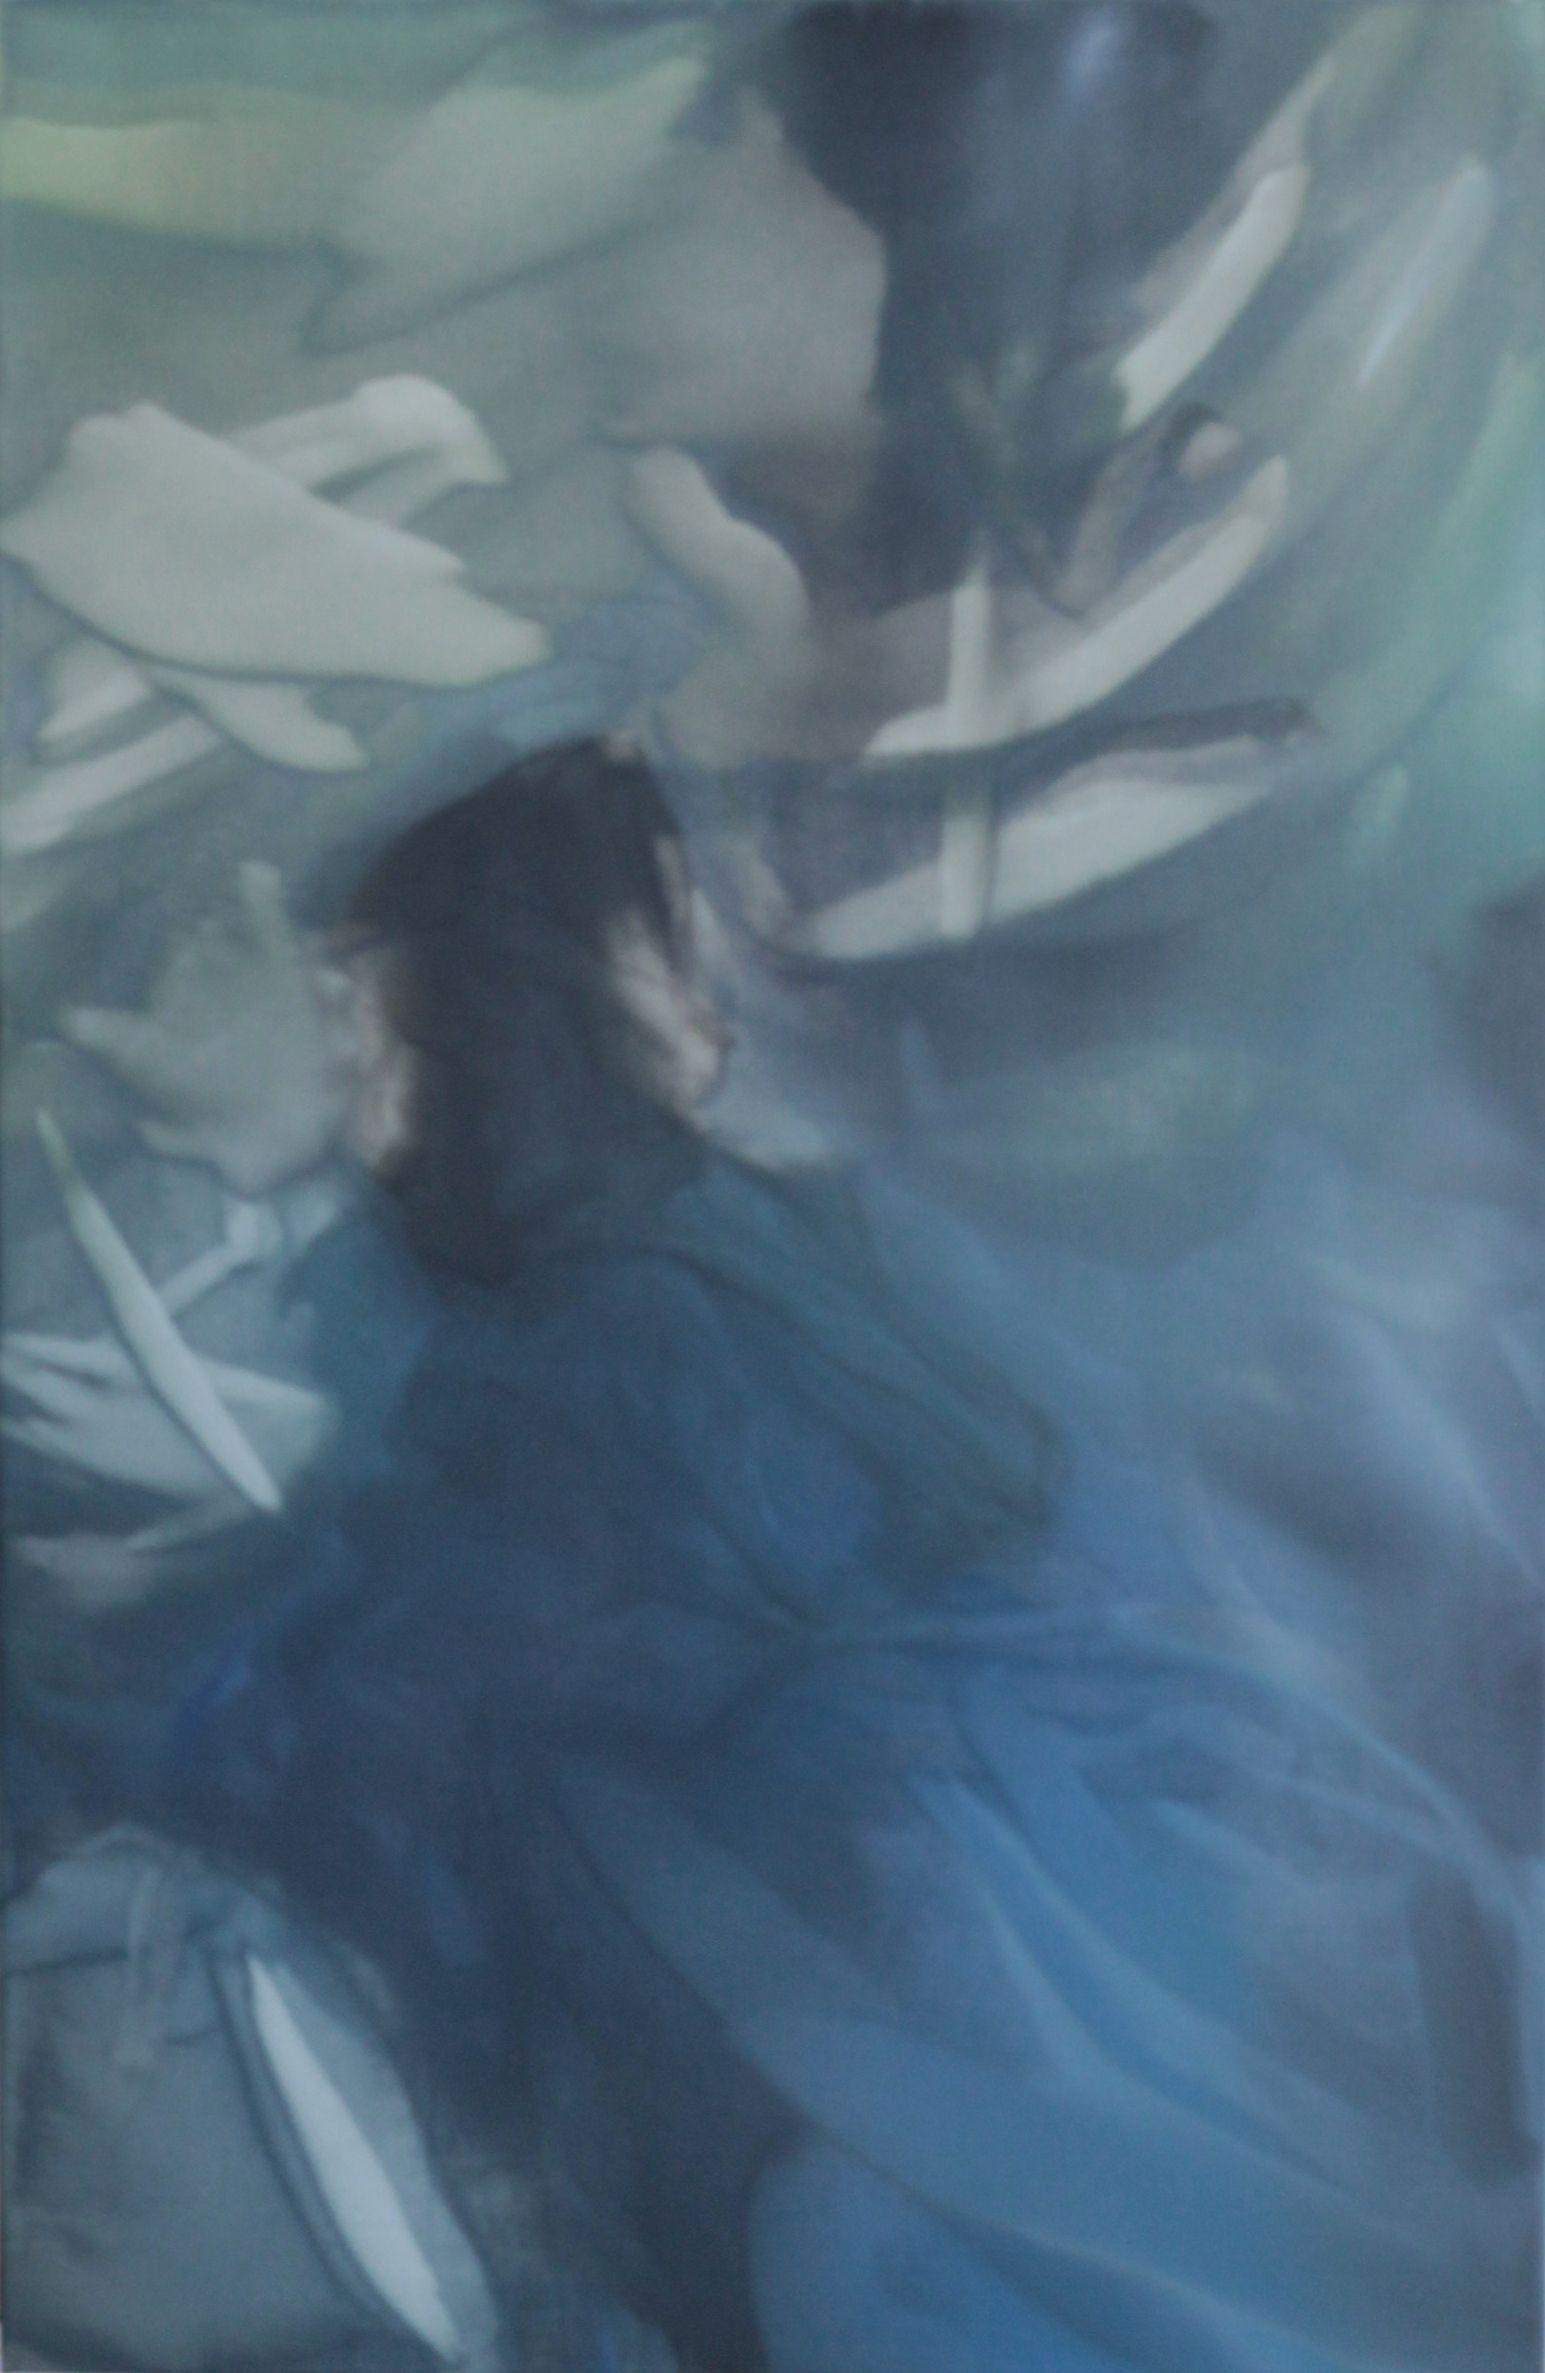 Marvin Aillaud - Silhouettes fragmentées #3 - 2014 - Huile sur toile - 90 x 62 cm #lamicrogalerie #marvinaillaud #peinture #artcontemporain